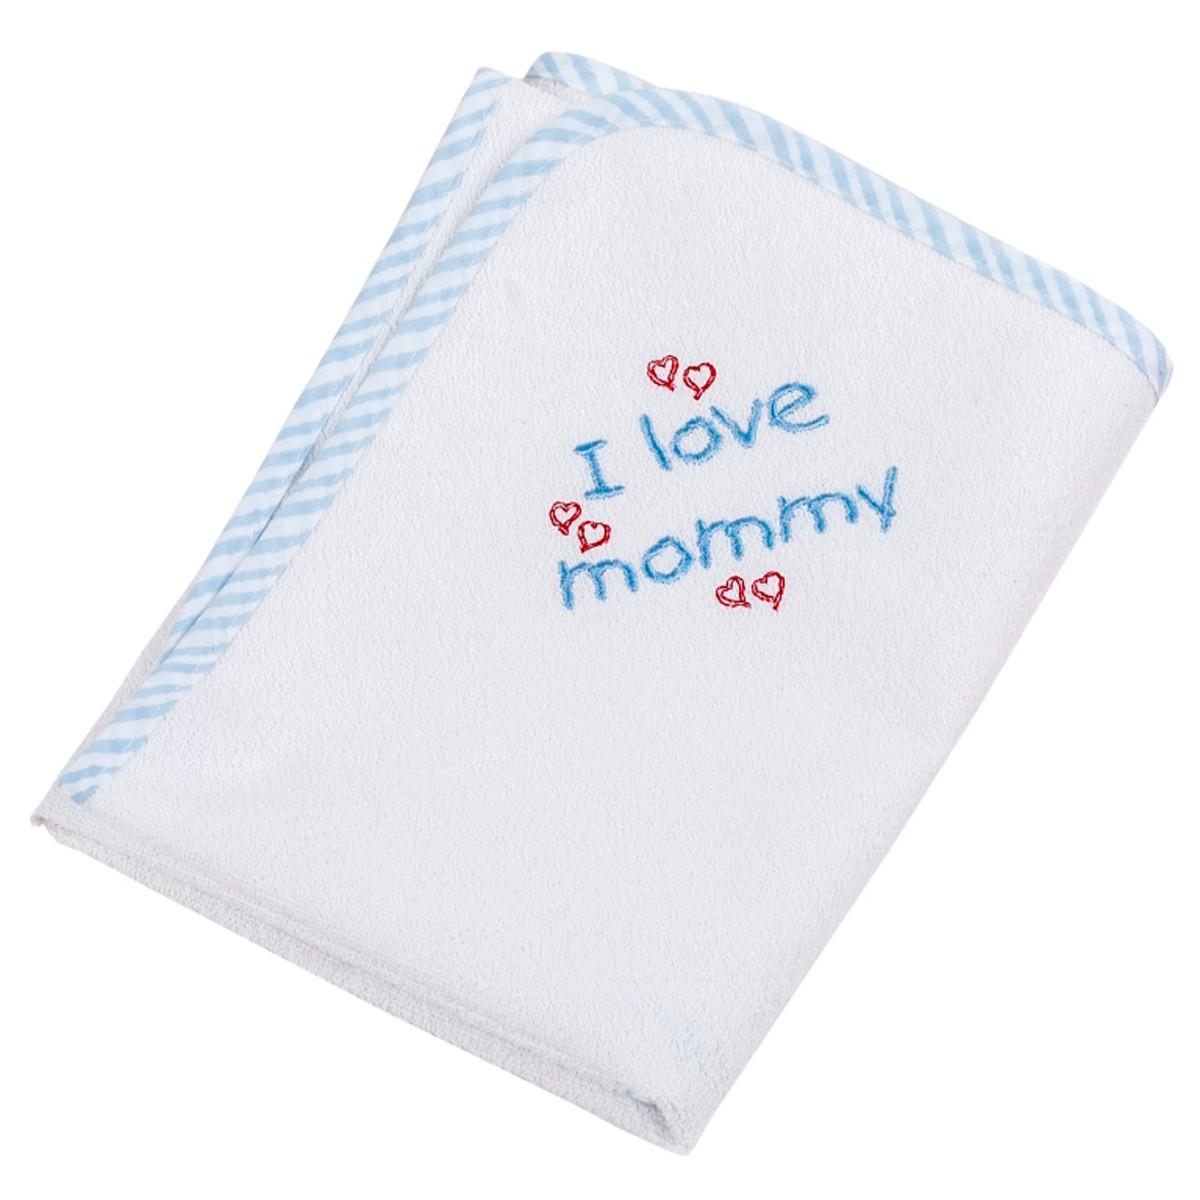 Βρεφικό Σελτεδάκι (60×80) Κόσμος Του Μωρού 0625 Mommy Σιέλ